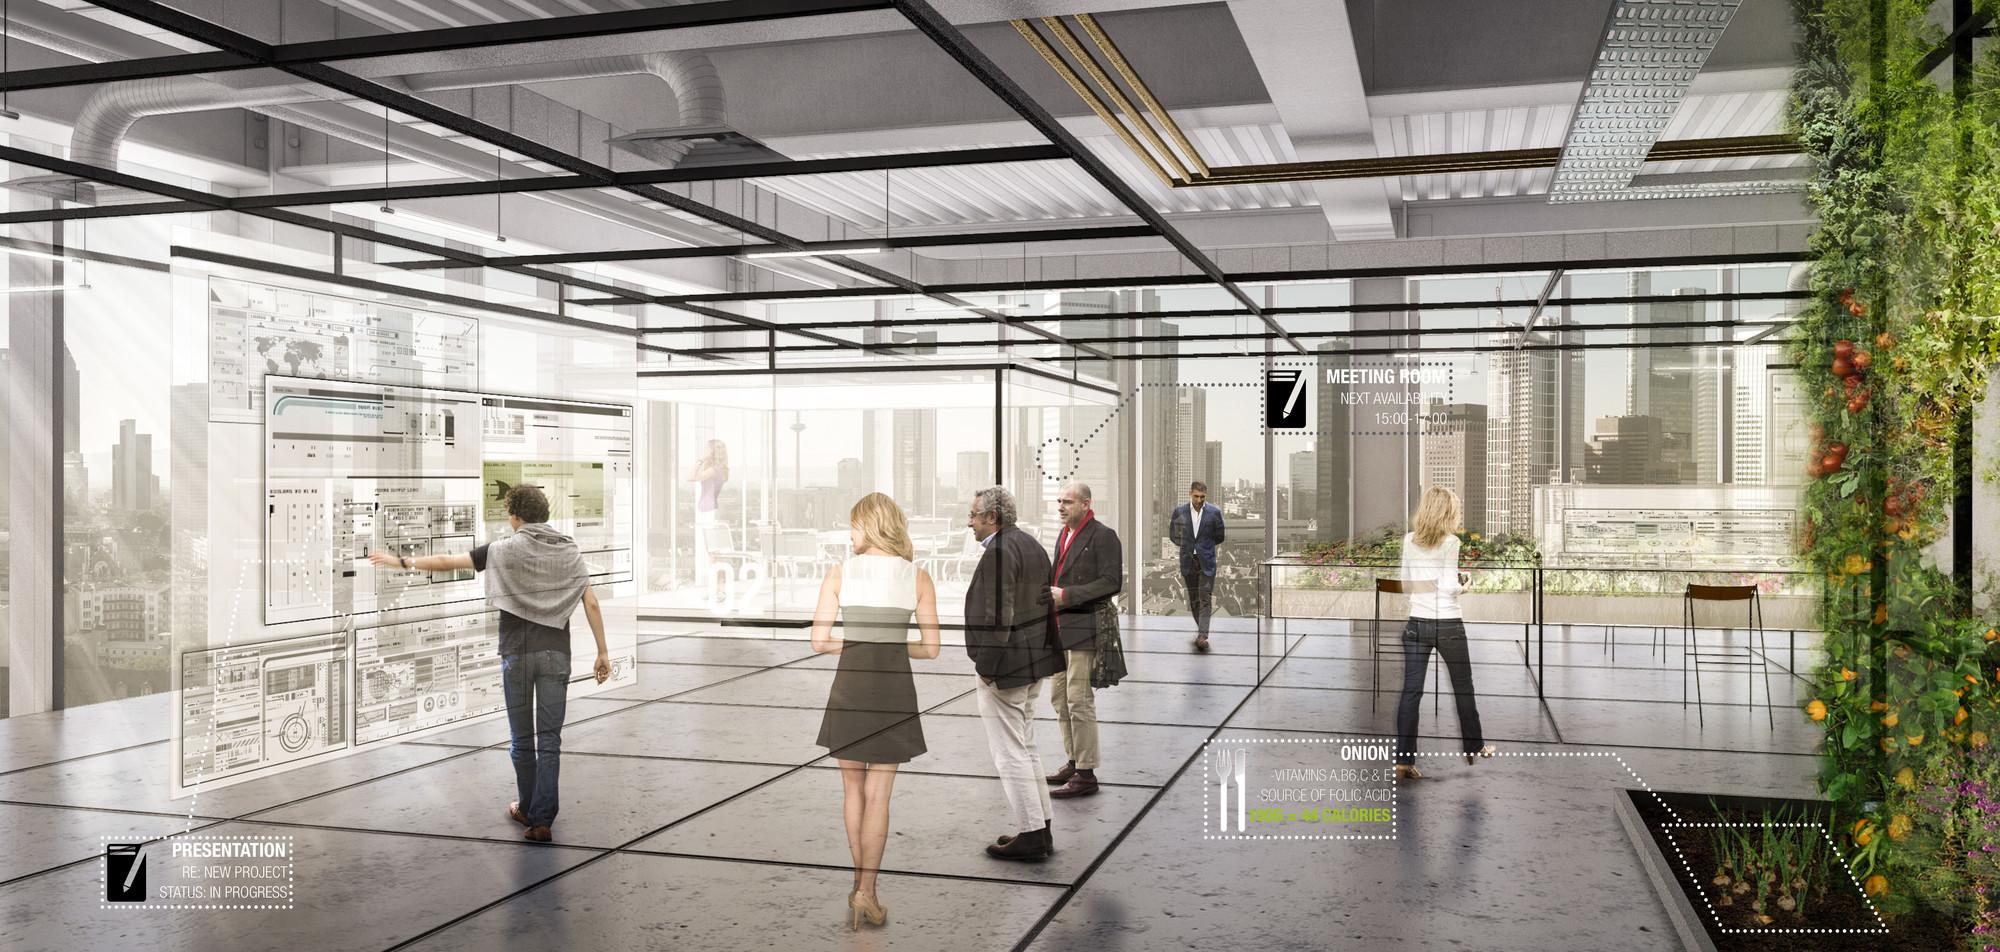 Interior mostrando paredes adaptables y jardín de los trabajadores. Organic Grid + / Sean Cassidy & Joe Wilson. Imágen cortesía de Metropolis Magazine